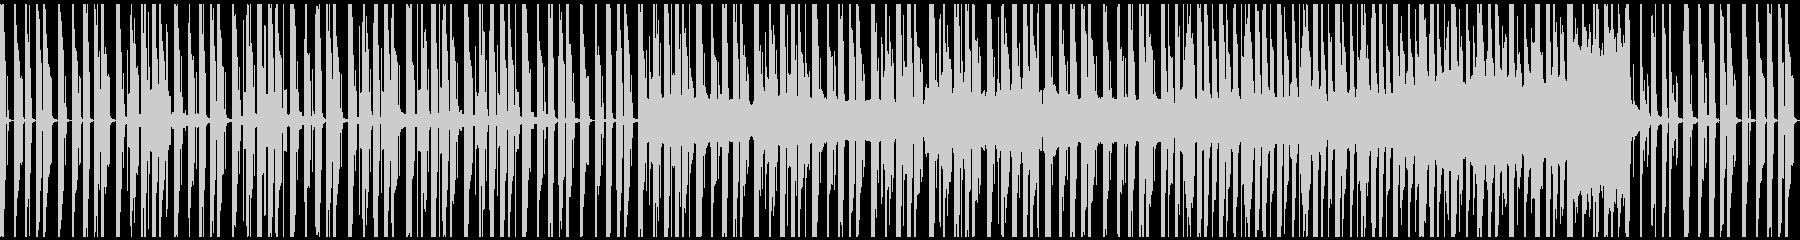 ループ、コミカル、ゆったり、シンセの未再生の波形